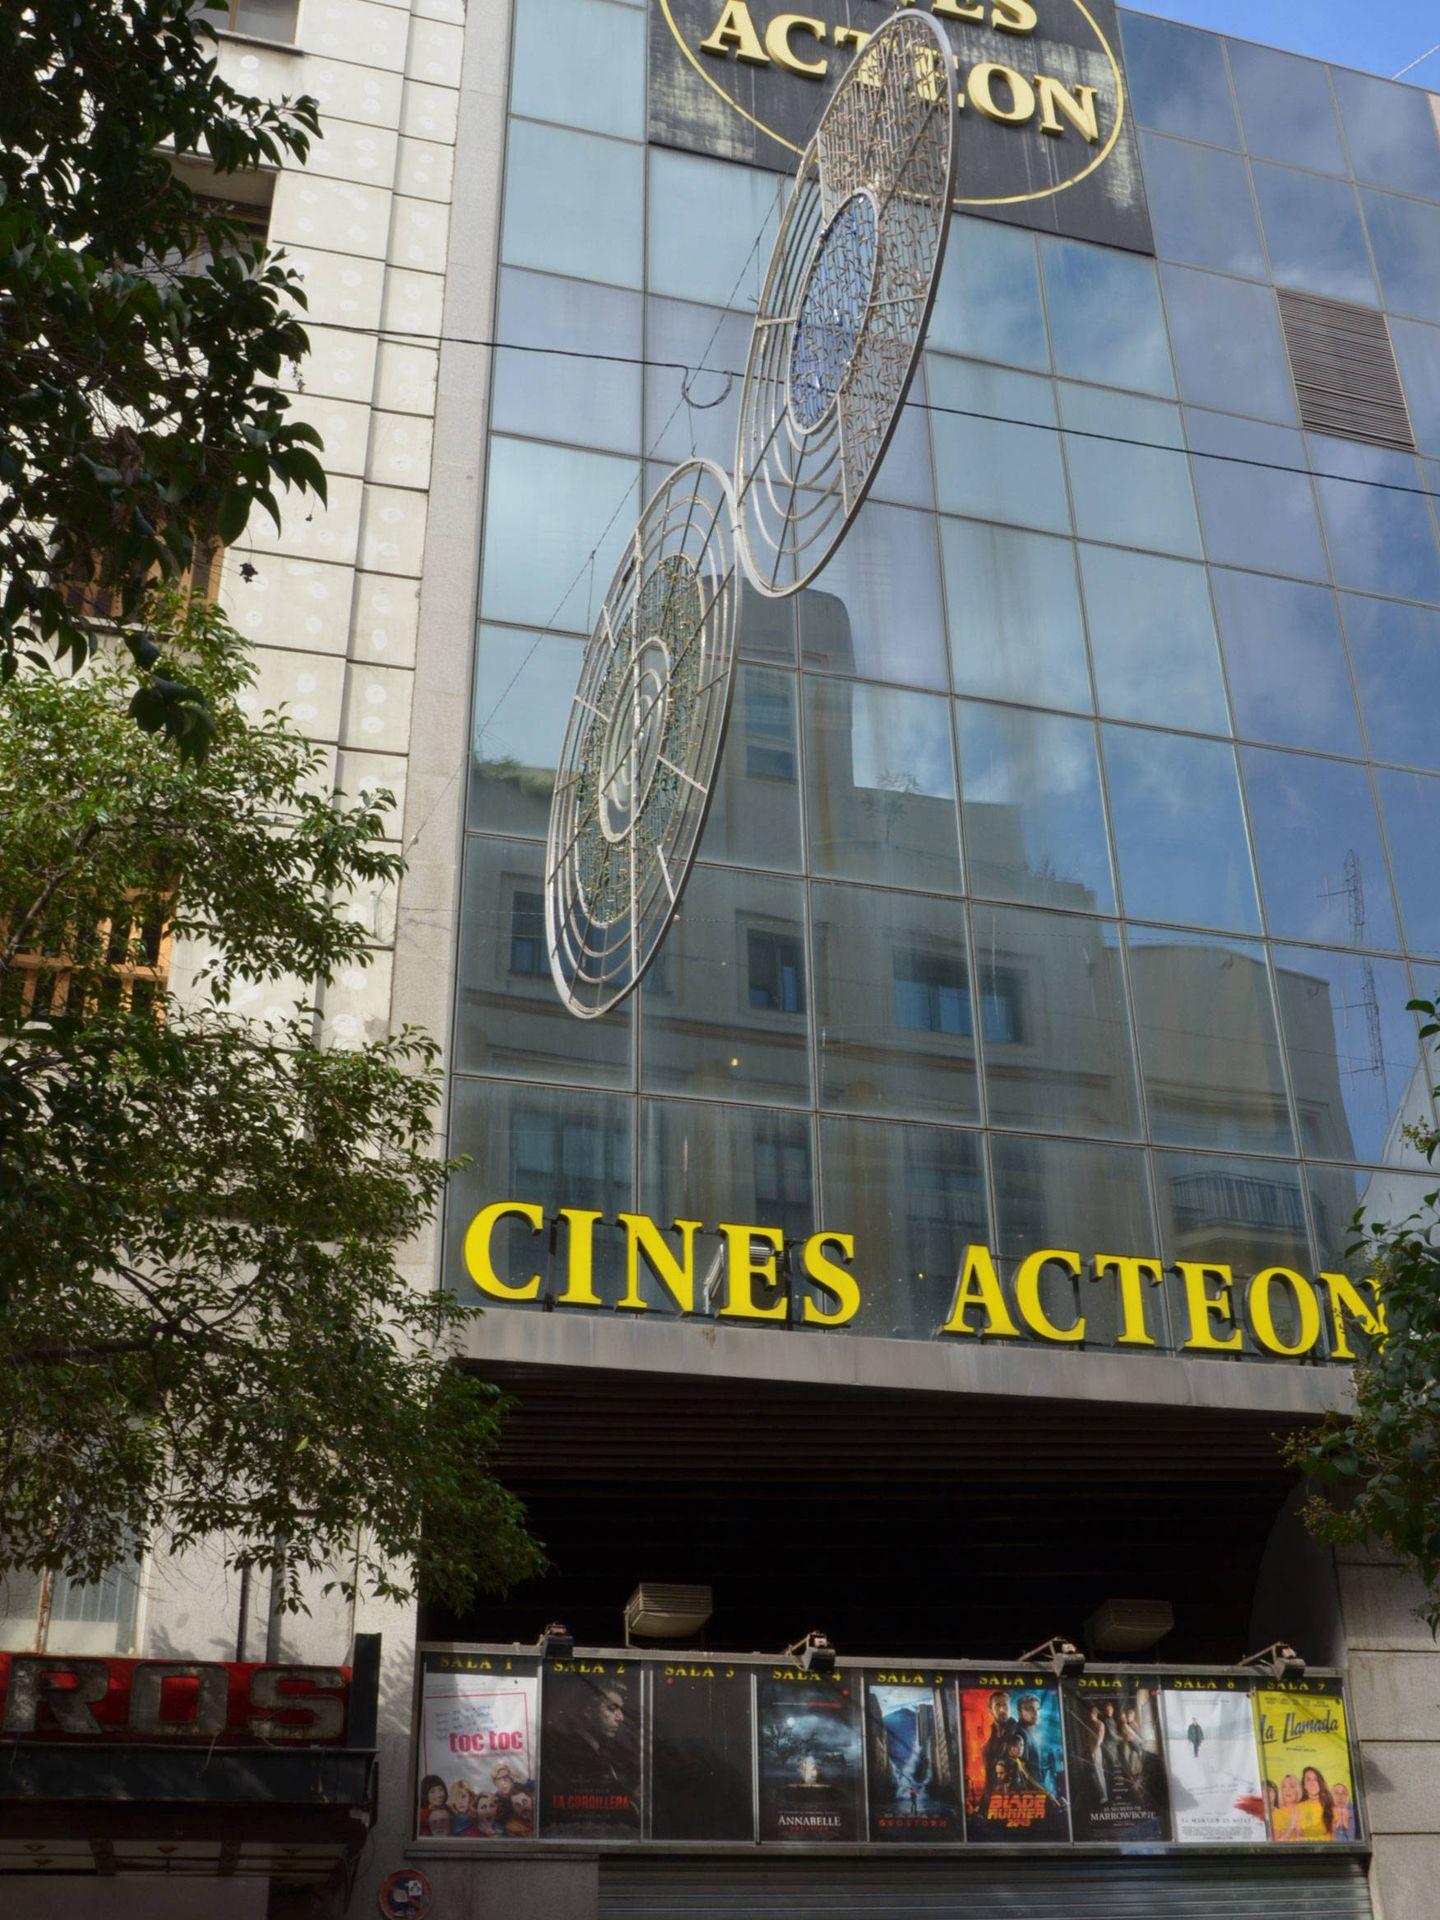 Antiguos cines Acteón.